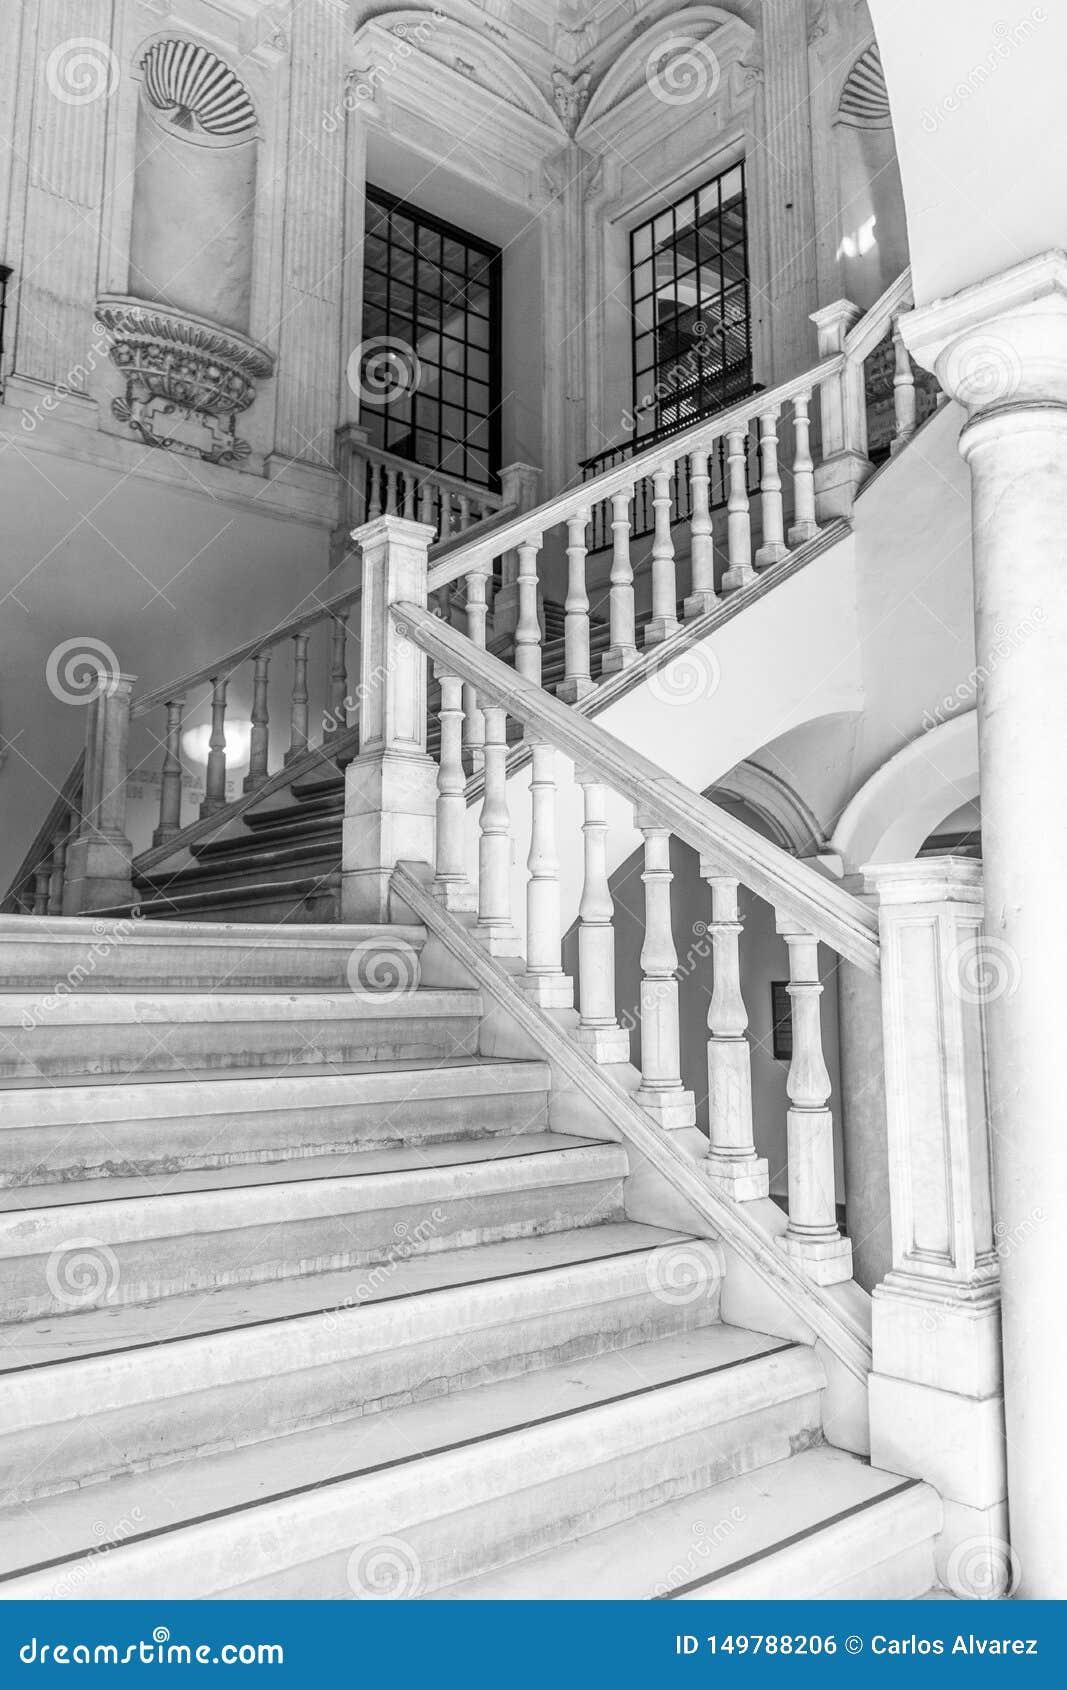 Escaliers de marbre I